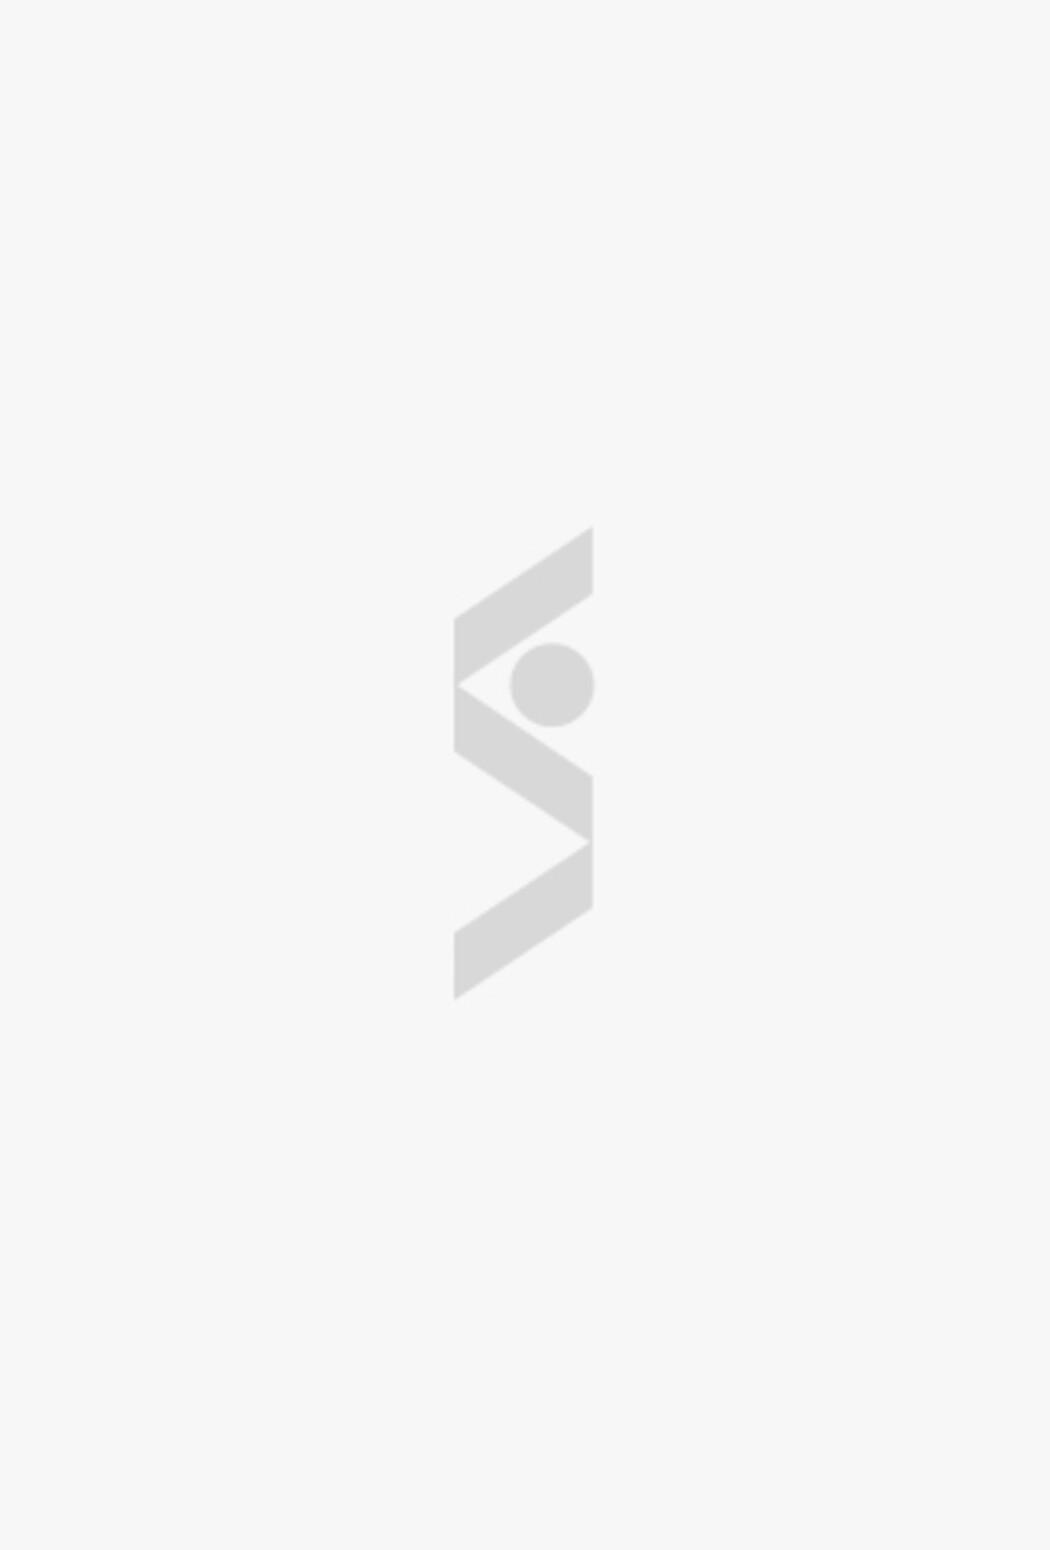 Трусы стринги с логотипом Calvin Klein - купить, цена 1040 ₽ в Москве в интернет-магазине СТОКМАНН BAFC85AF-910D-4DEB-A33F-6FEB126D97E3